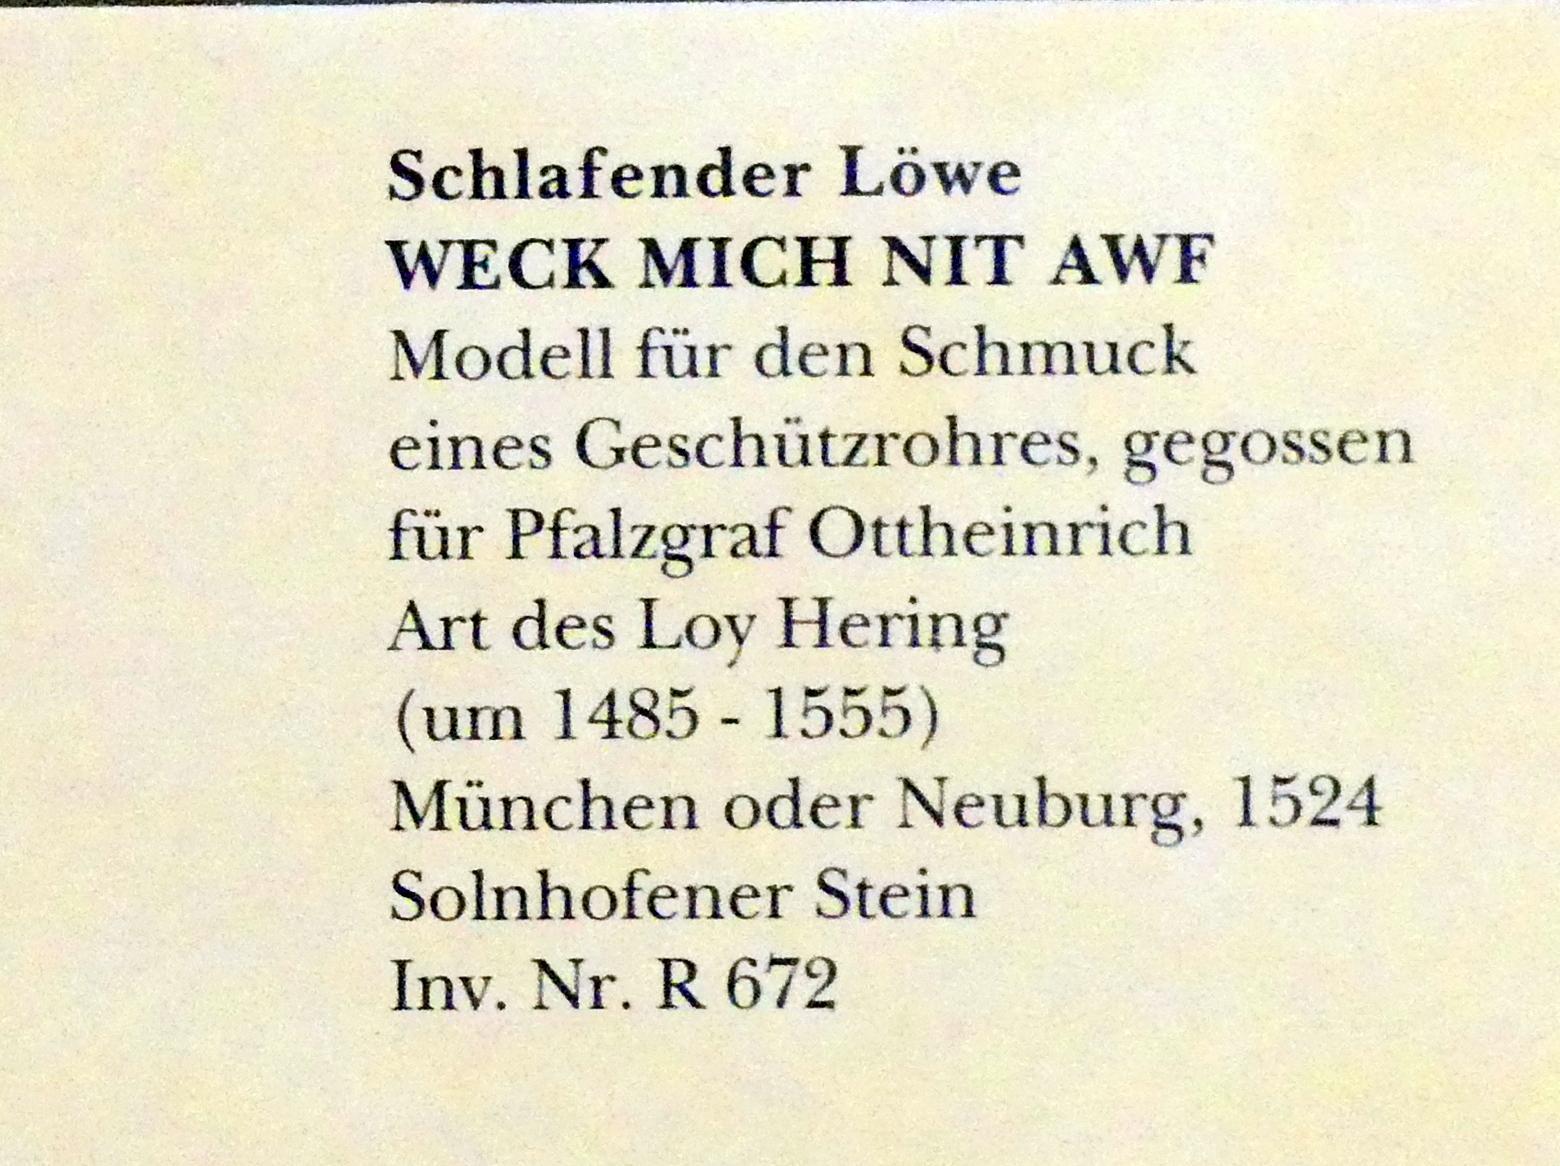 Schlafender Löwe WECK MICH NIT AWF, 1524